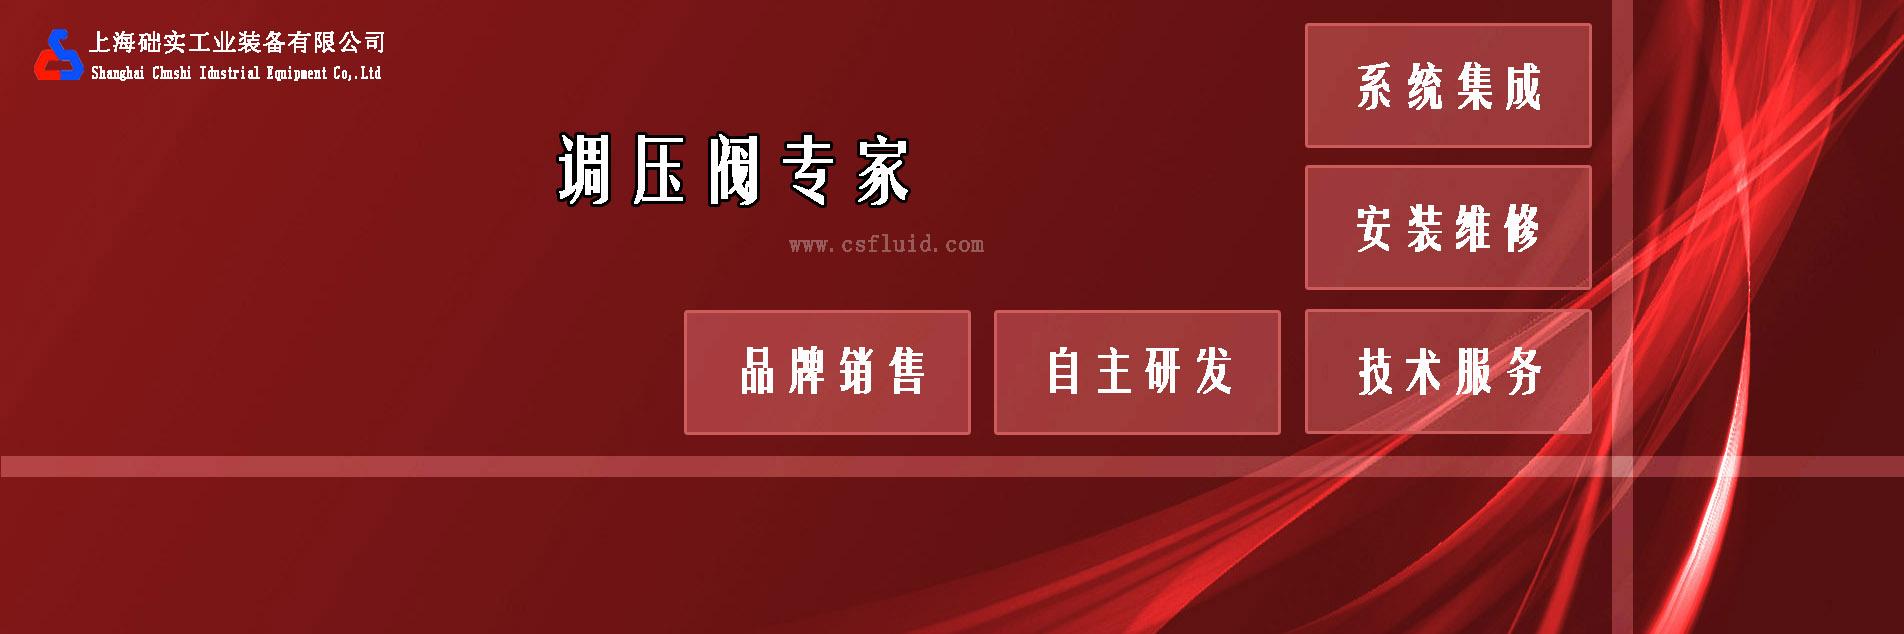 流量换算单位_单位换算--上海础实工业装备有限公司,调压阀,减压阀,背压阀